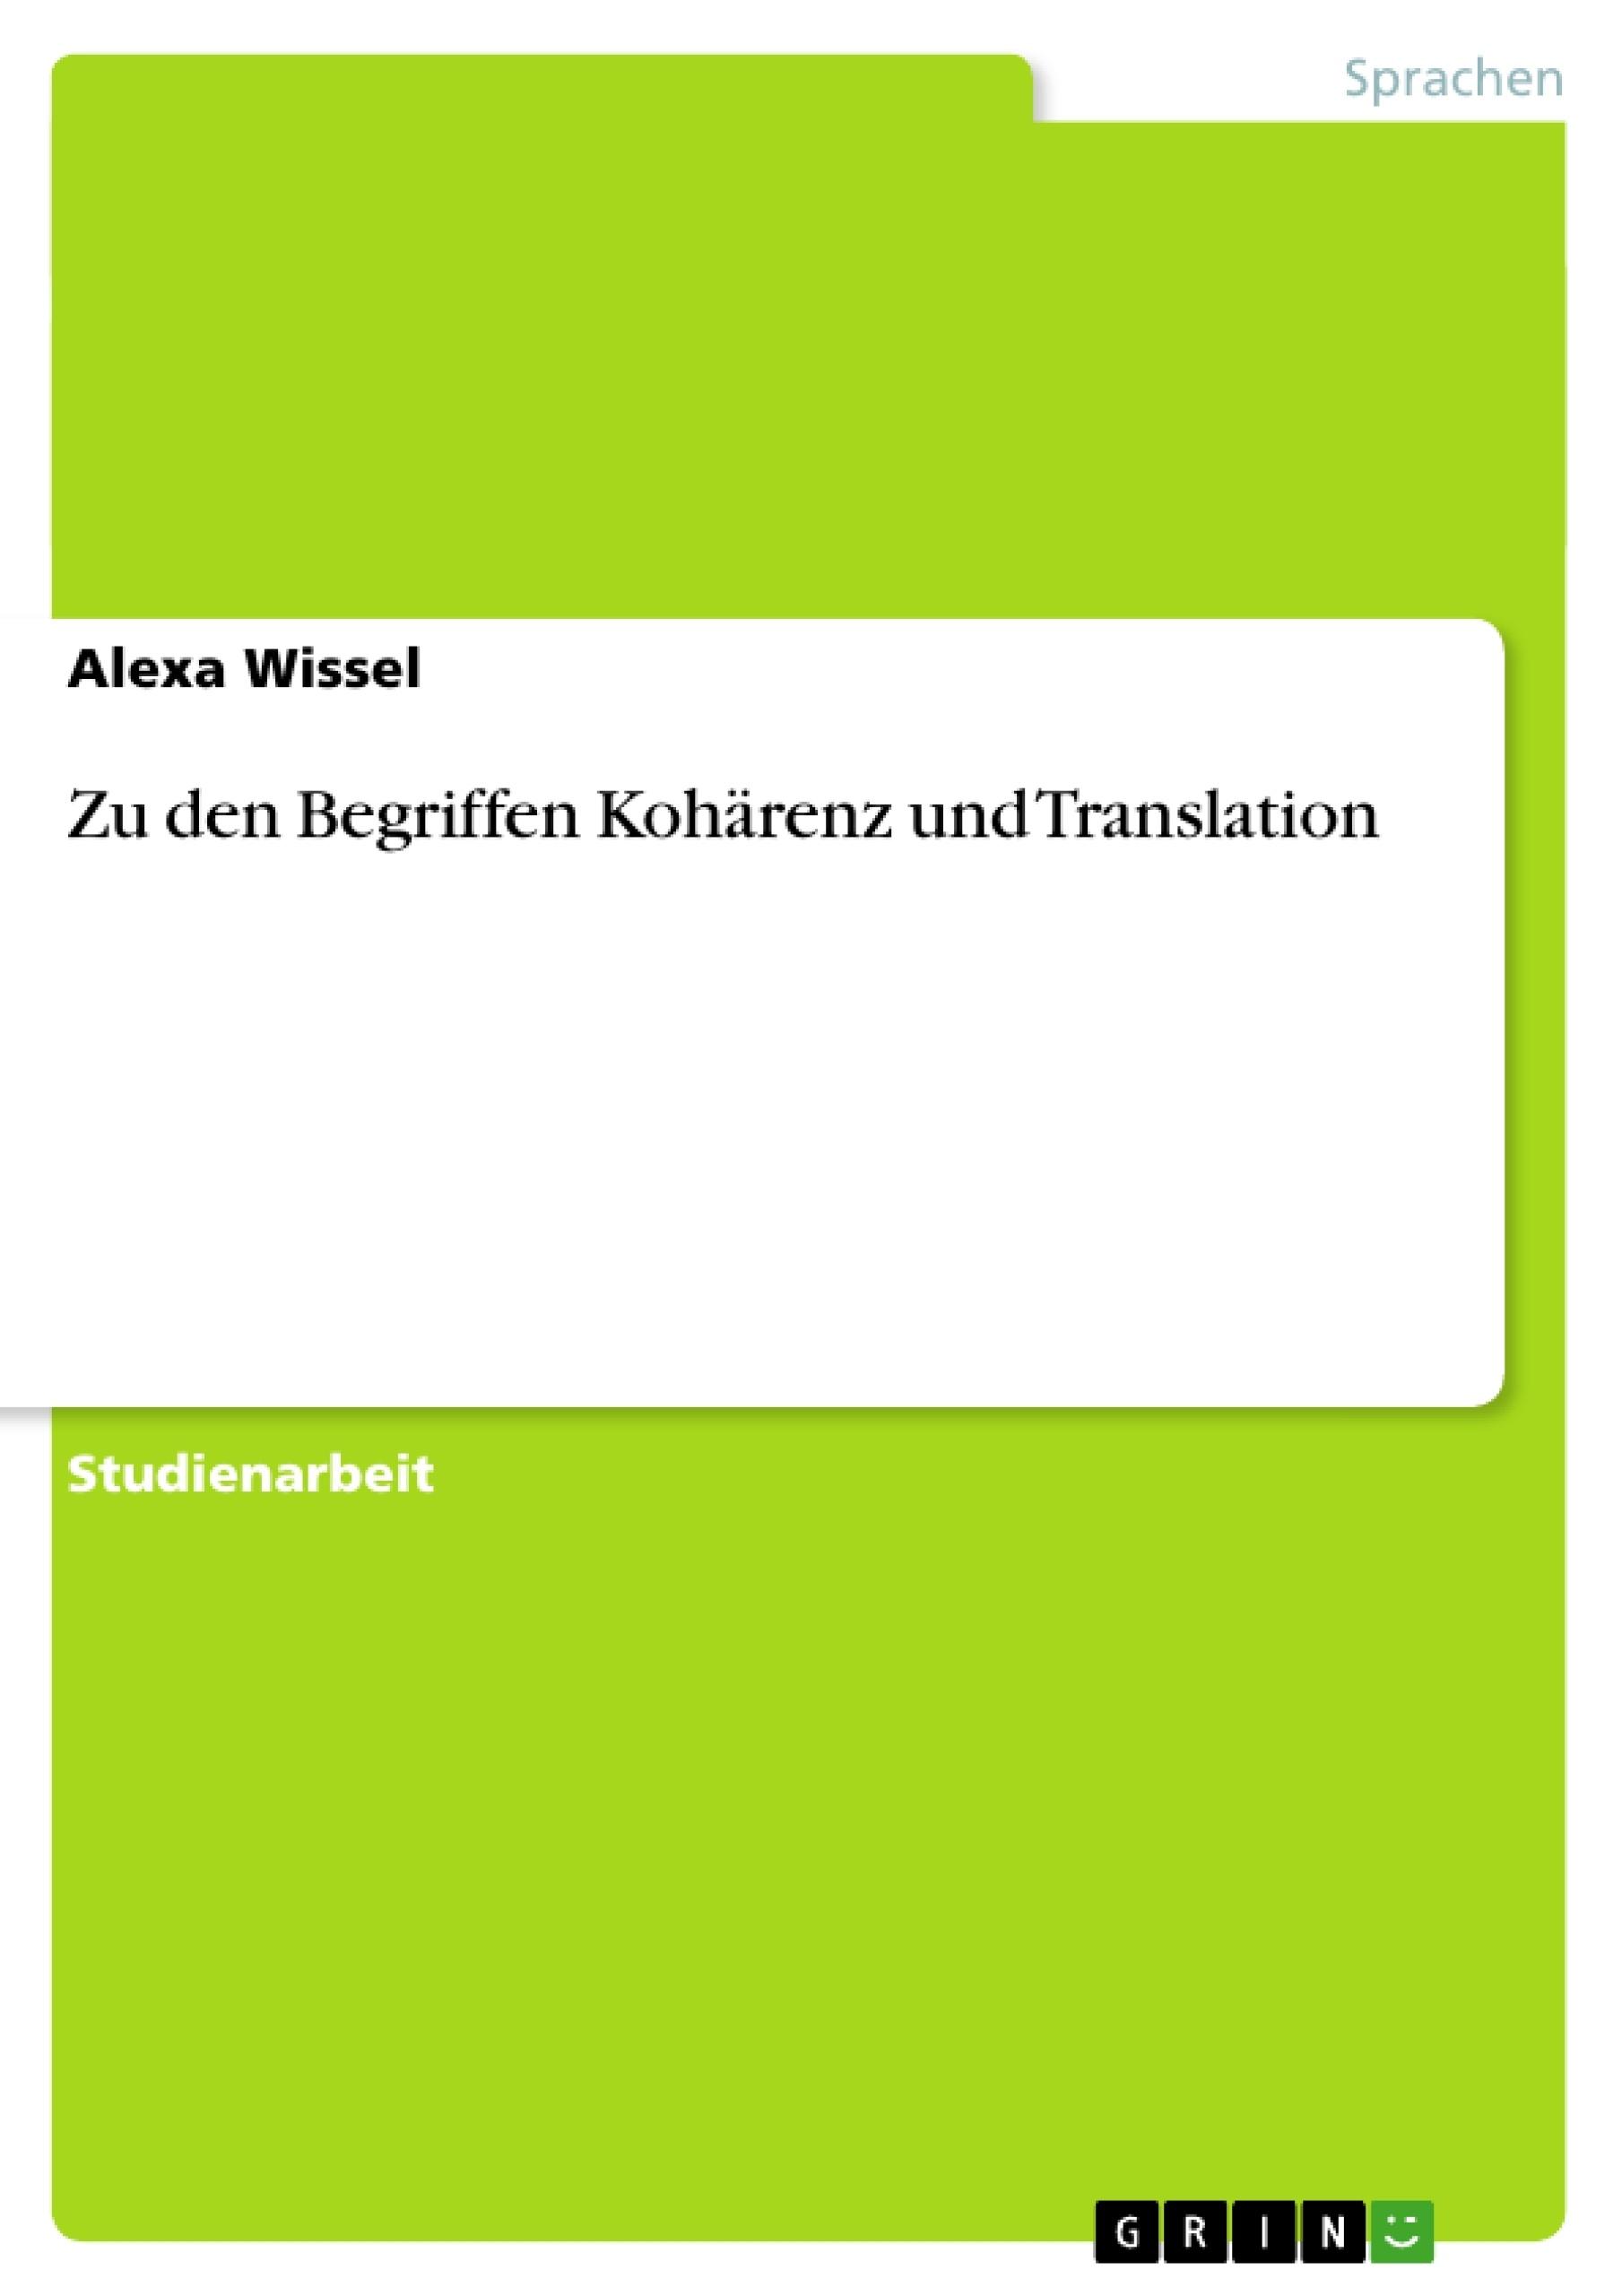 Titel: Zu den Begriffen Kohärenz und Translation